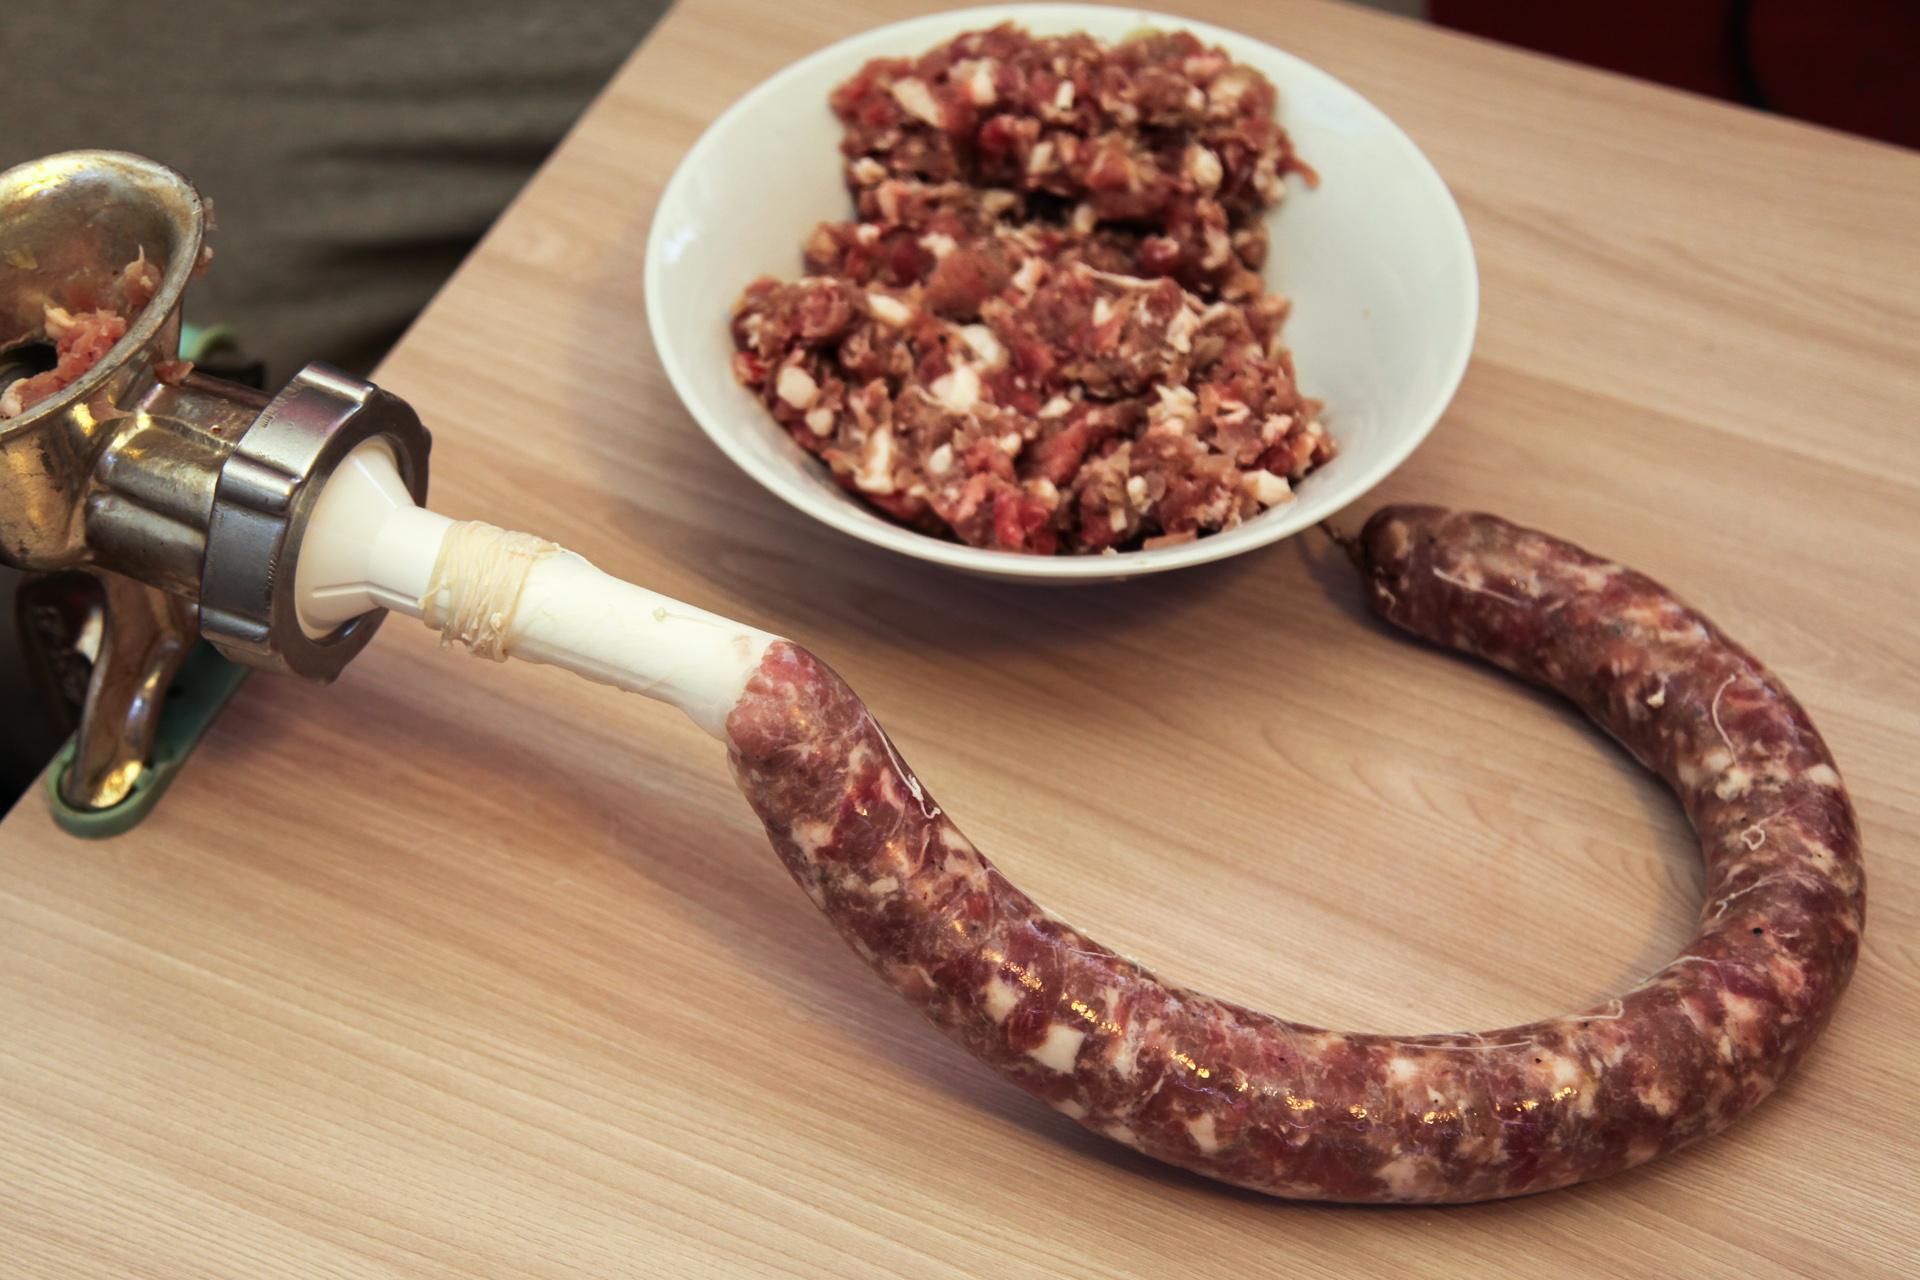 Как сделать колбасу в домашних условиях без кишок из свинины